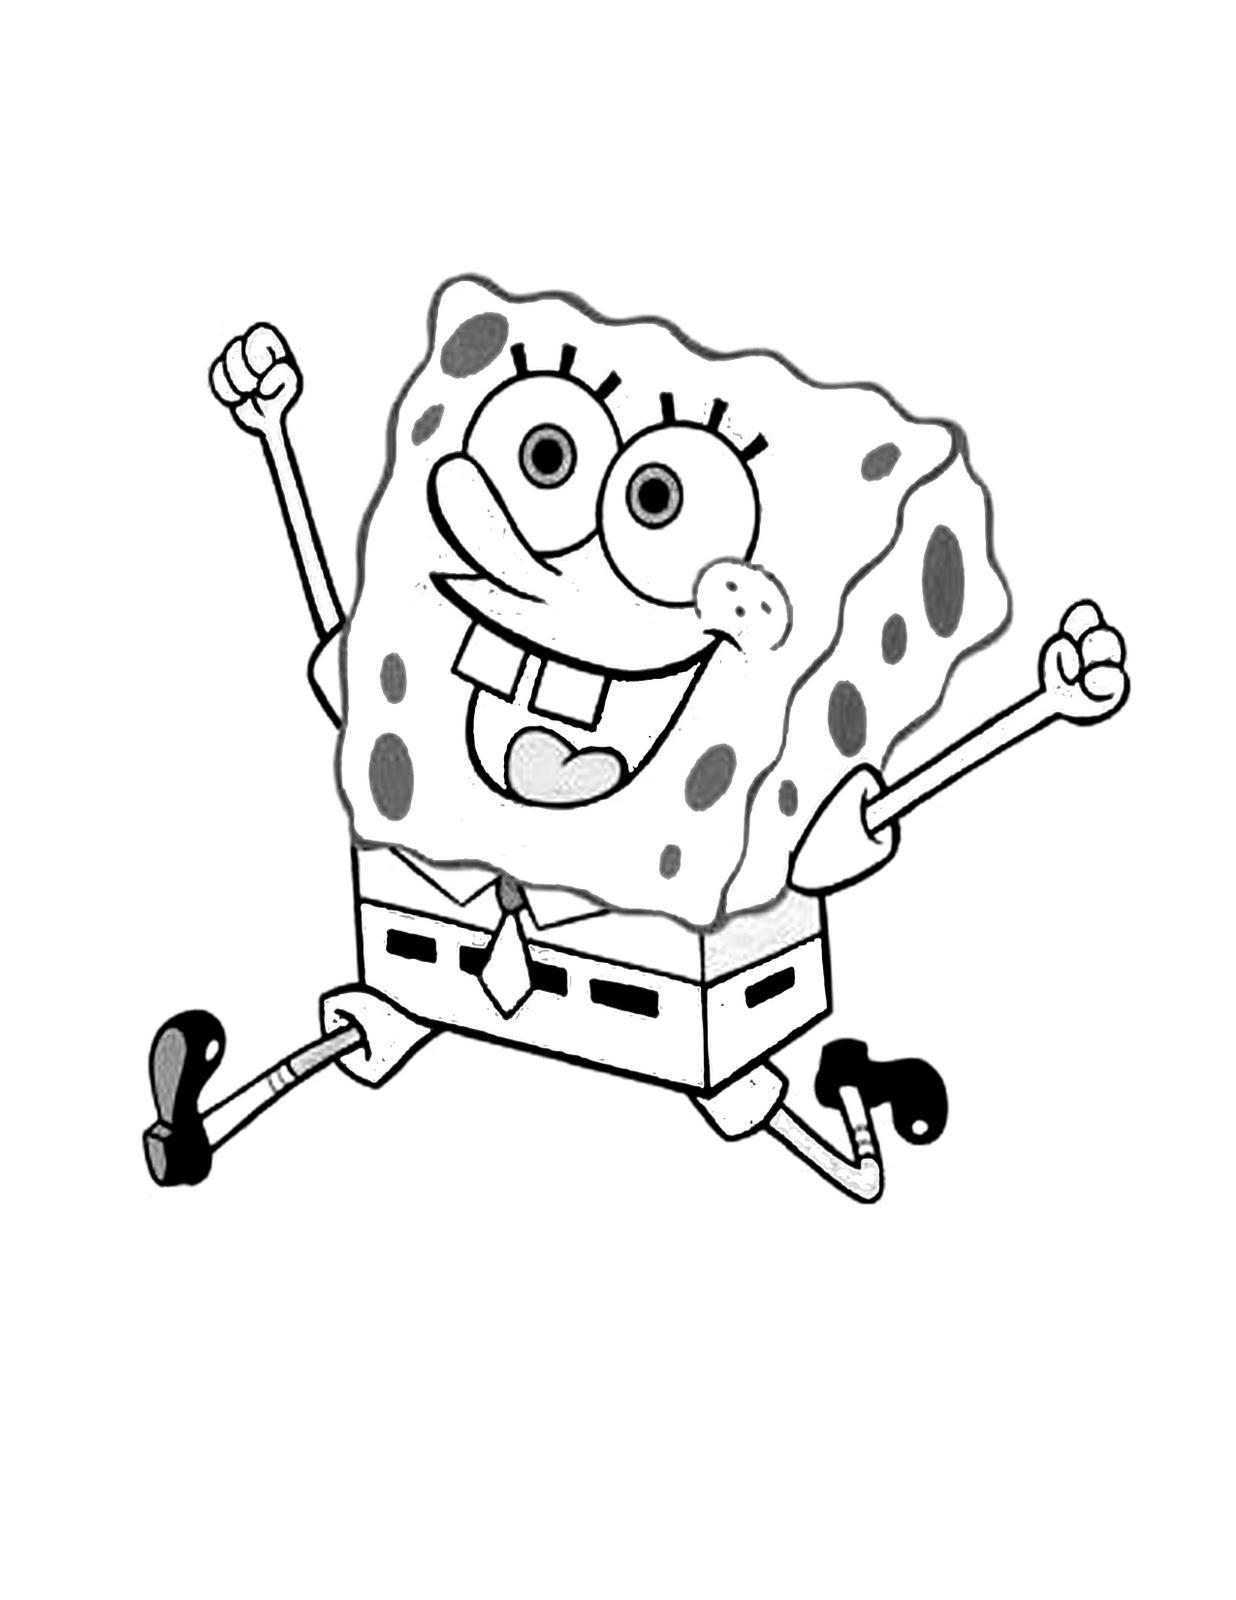 59 Gambar Mewarnai Kartun Spongebob Himpun Kartun